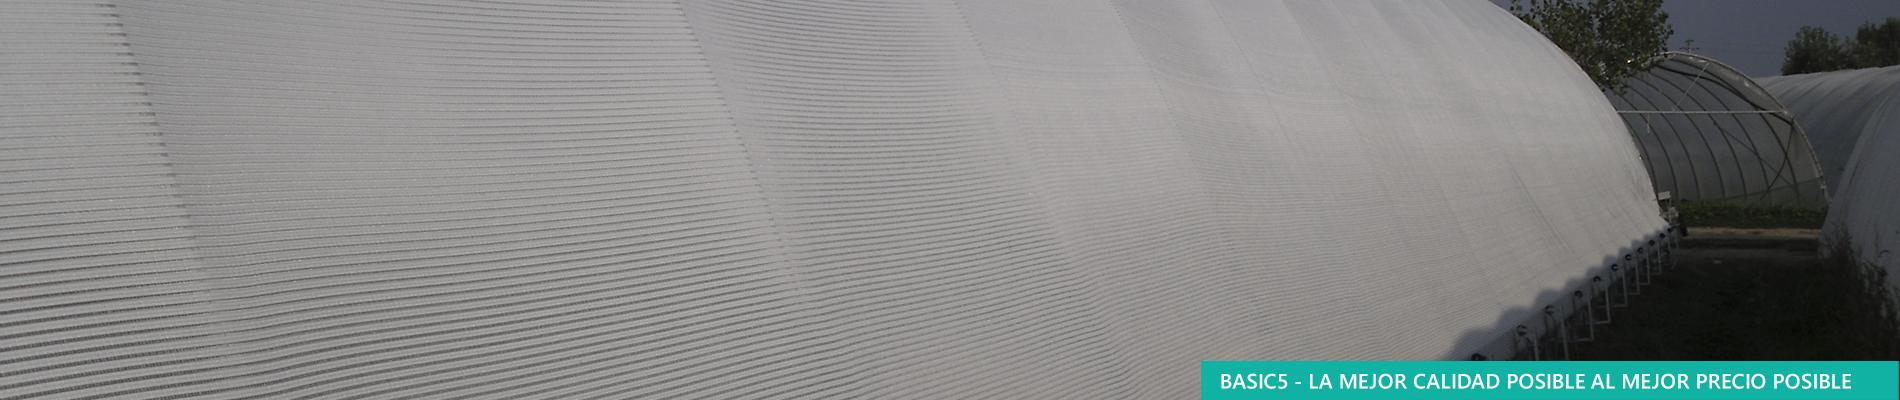 muy resistente con cabeza fluida 165/cm Basics Tr/ípode de v/ídeo profesional de aluminio